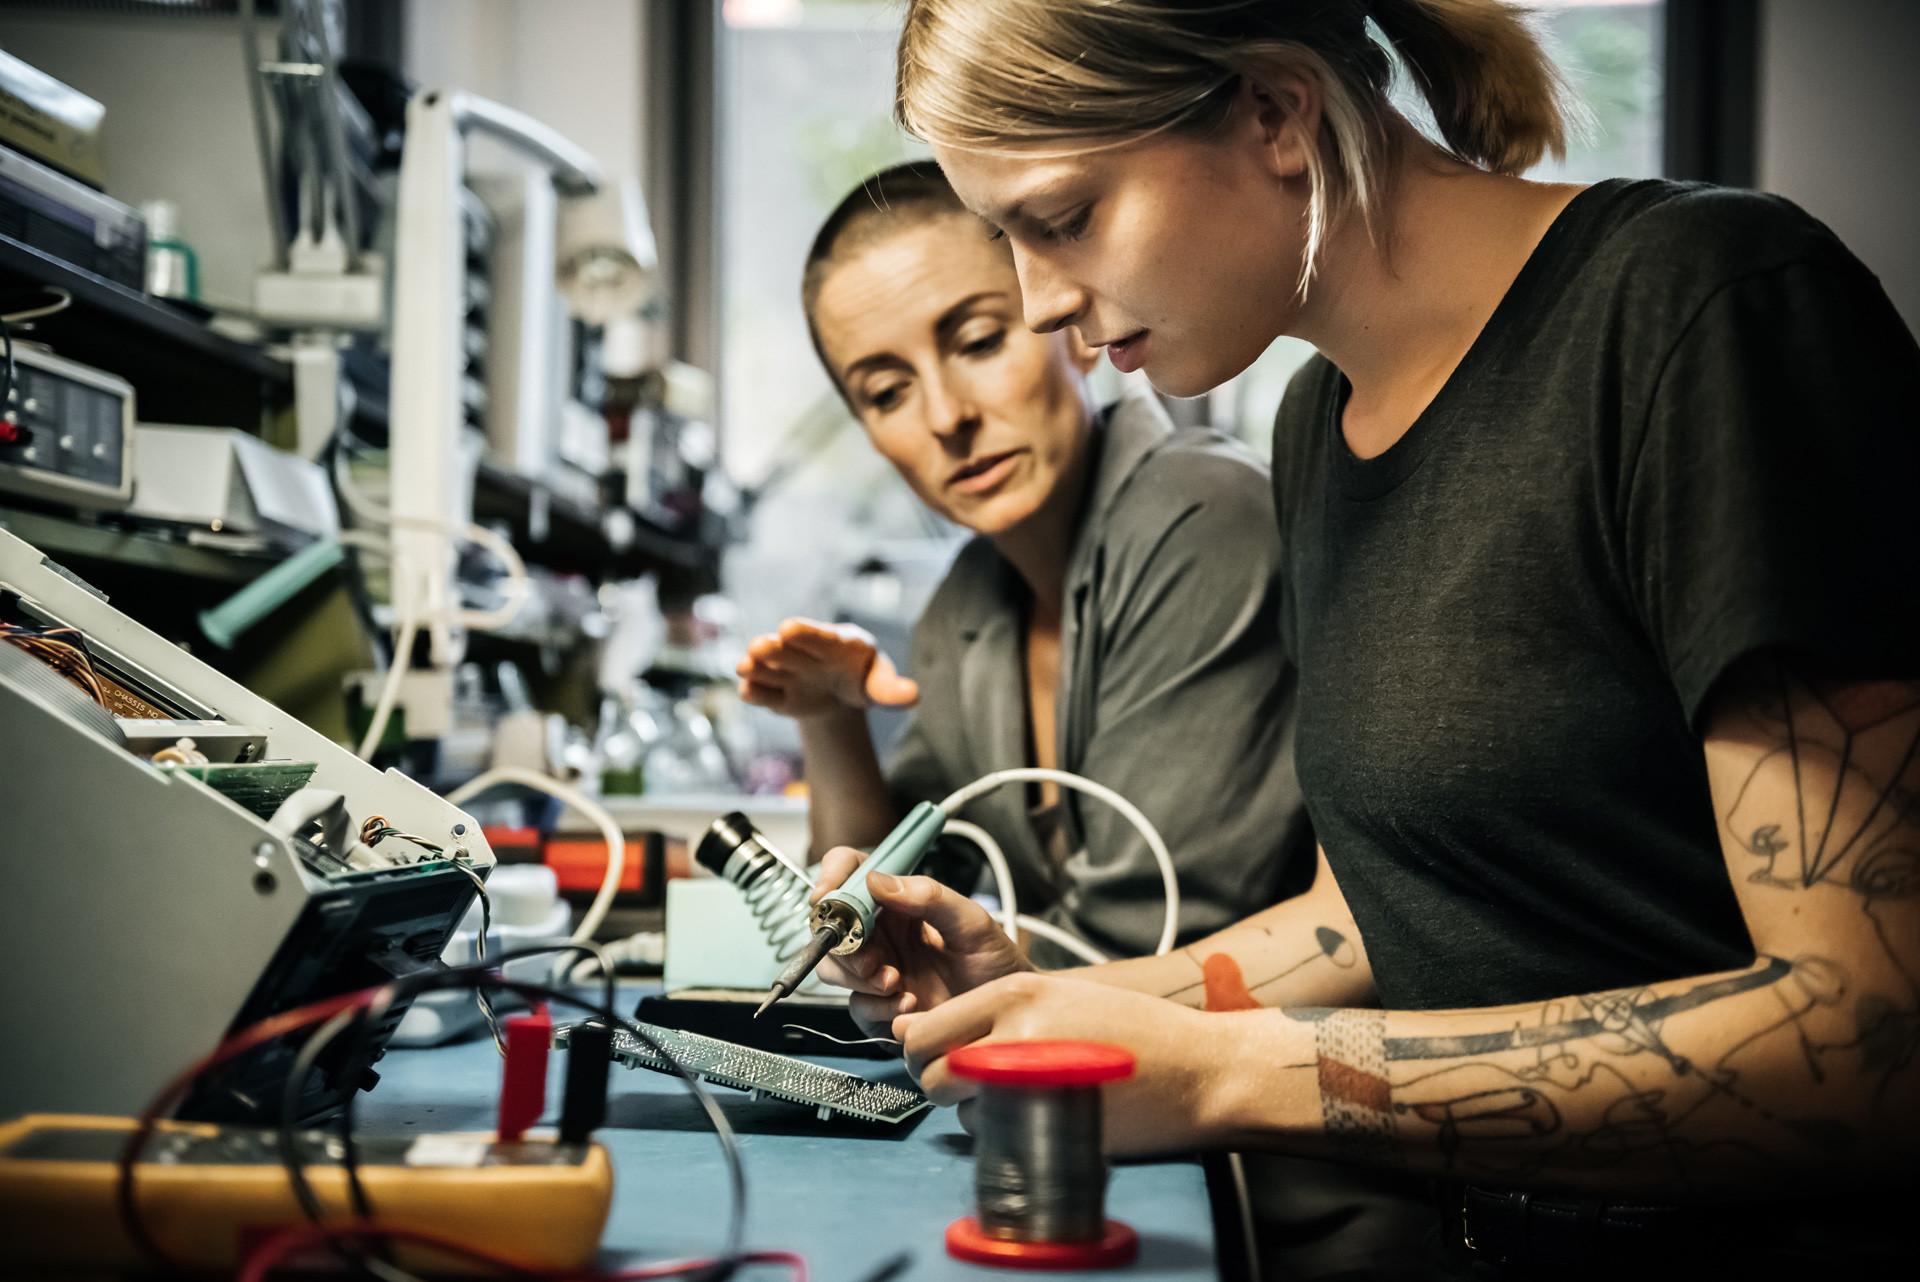 ユネスコによれば、ロシアでは、科学研究分野で働く人の41%を女性が占め、世界のどの国よりも高い数字となっている。